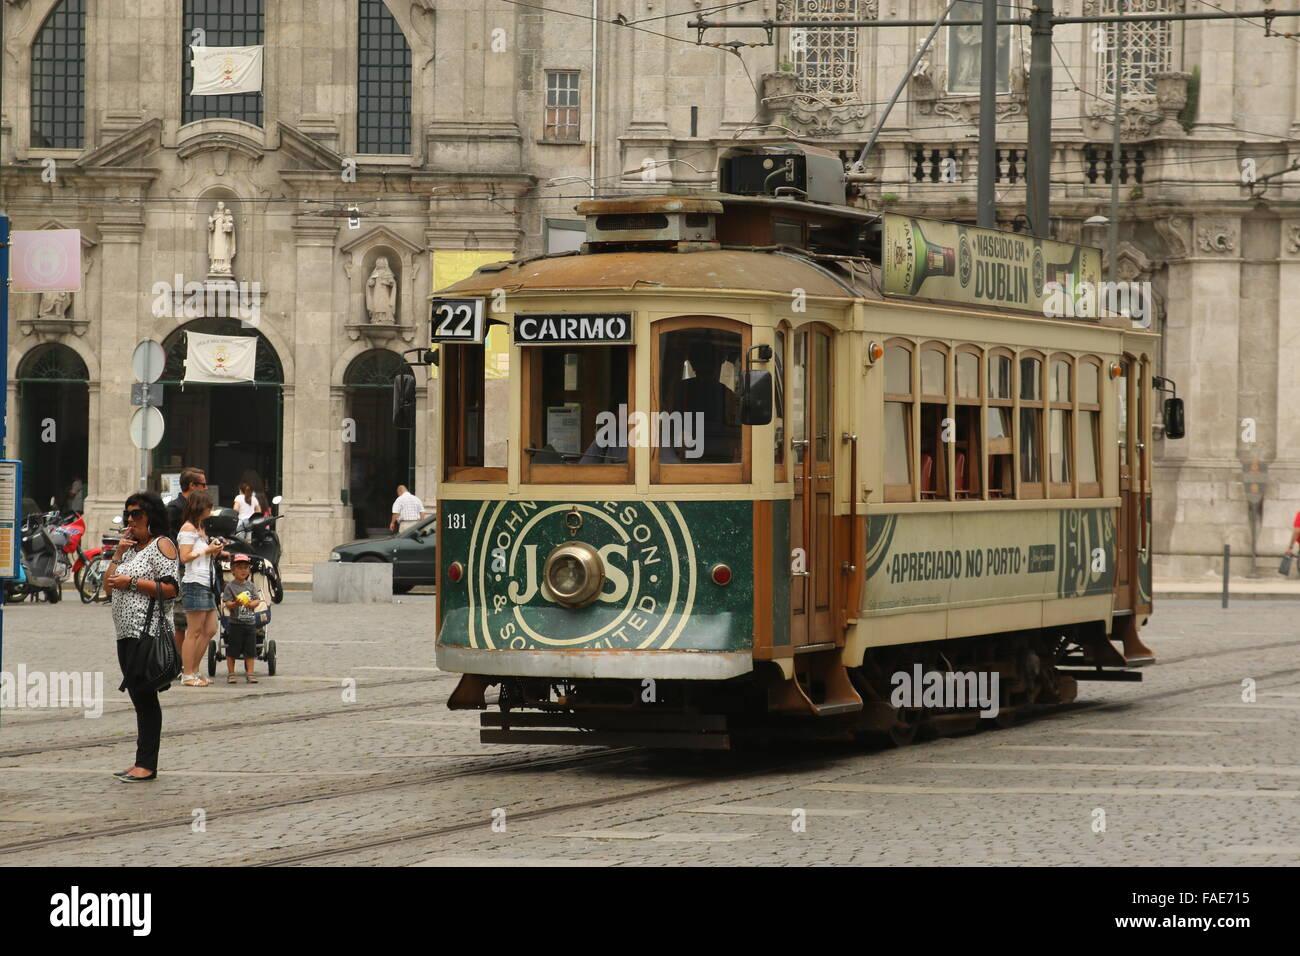 Tram no. 22 at the end stop in Cordoaria, Porto, Portugal Stock Photo